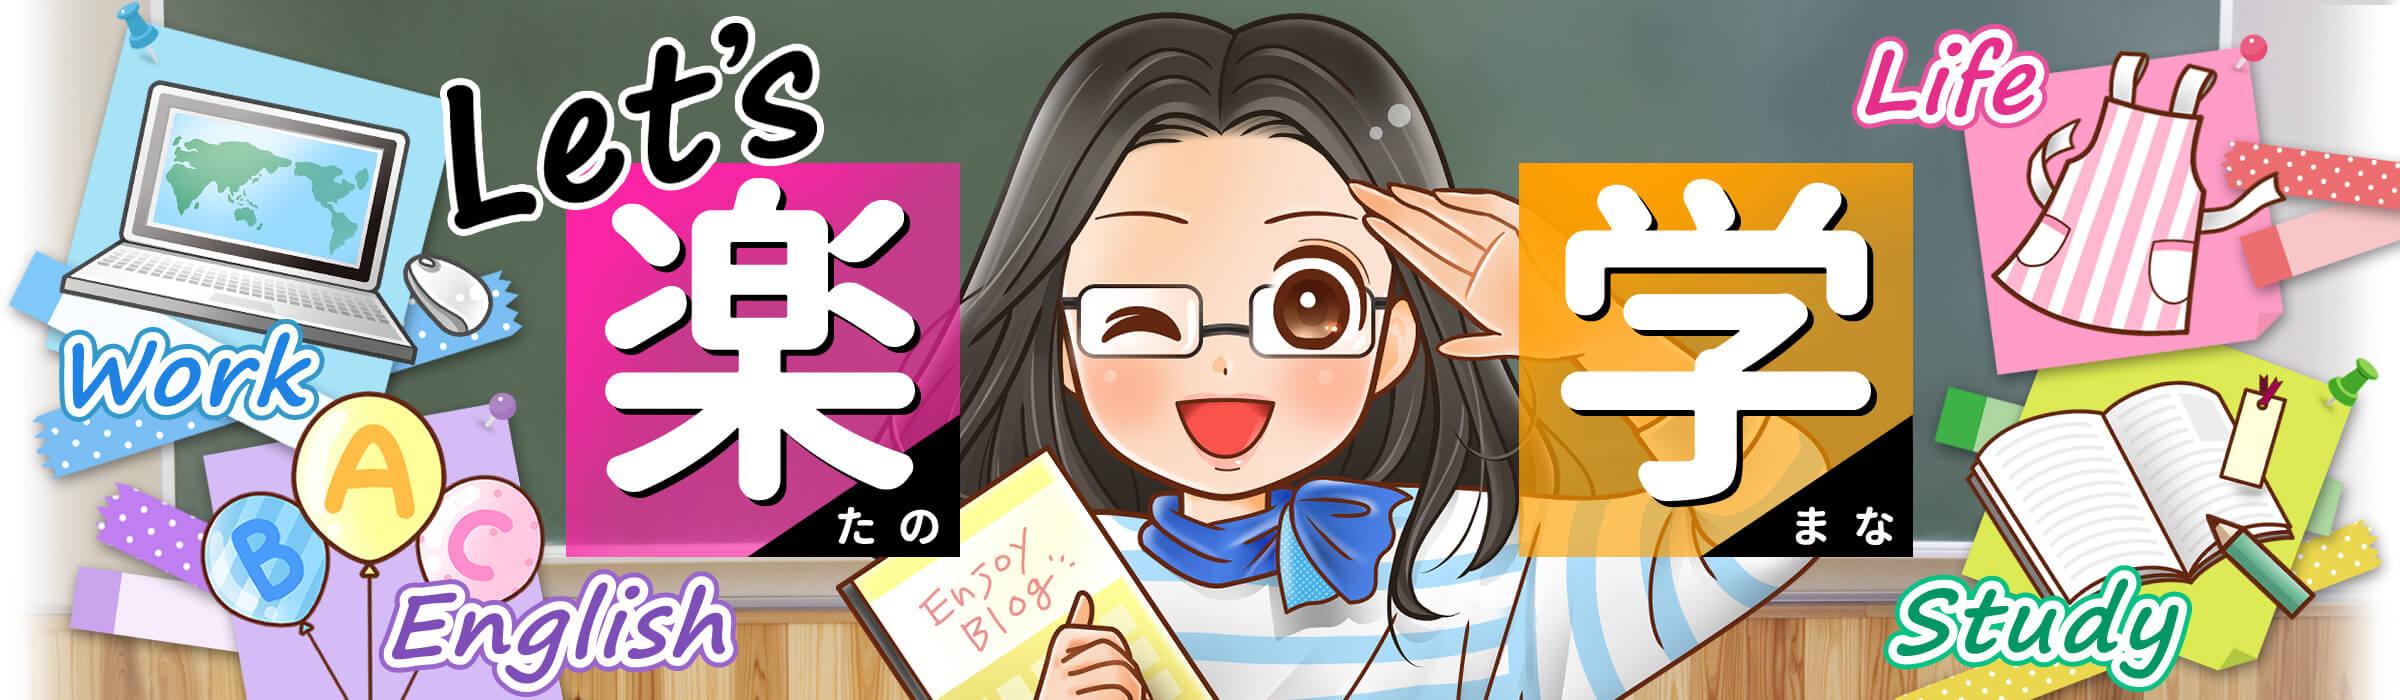 楽学【たのまな】生活ブログ